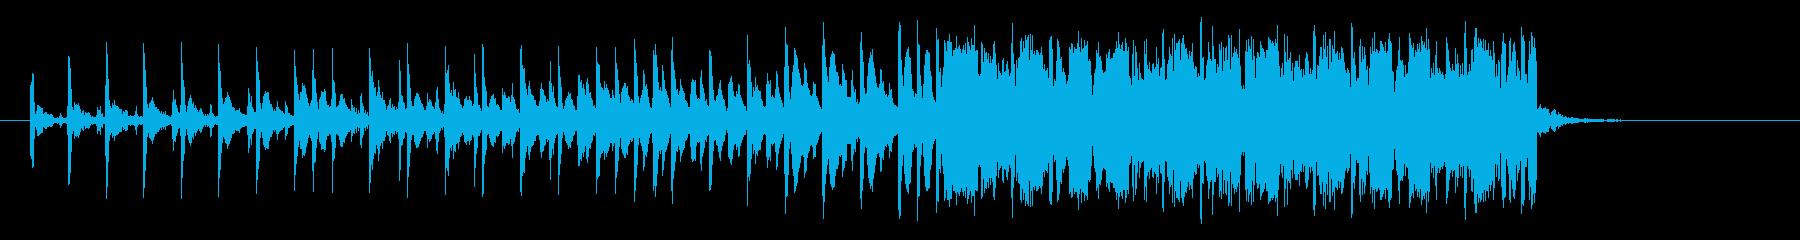 上行する期待感のあるミュージックの再生済みの波形